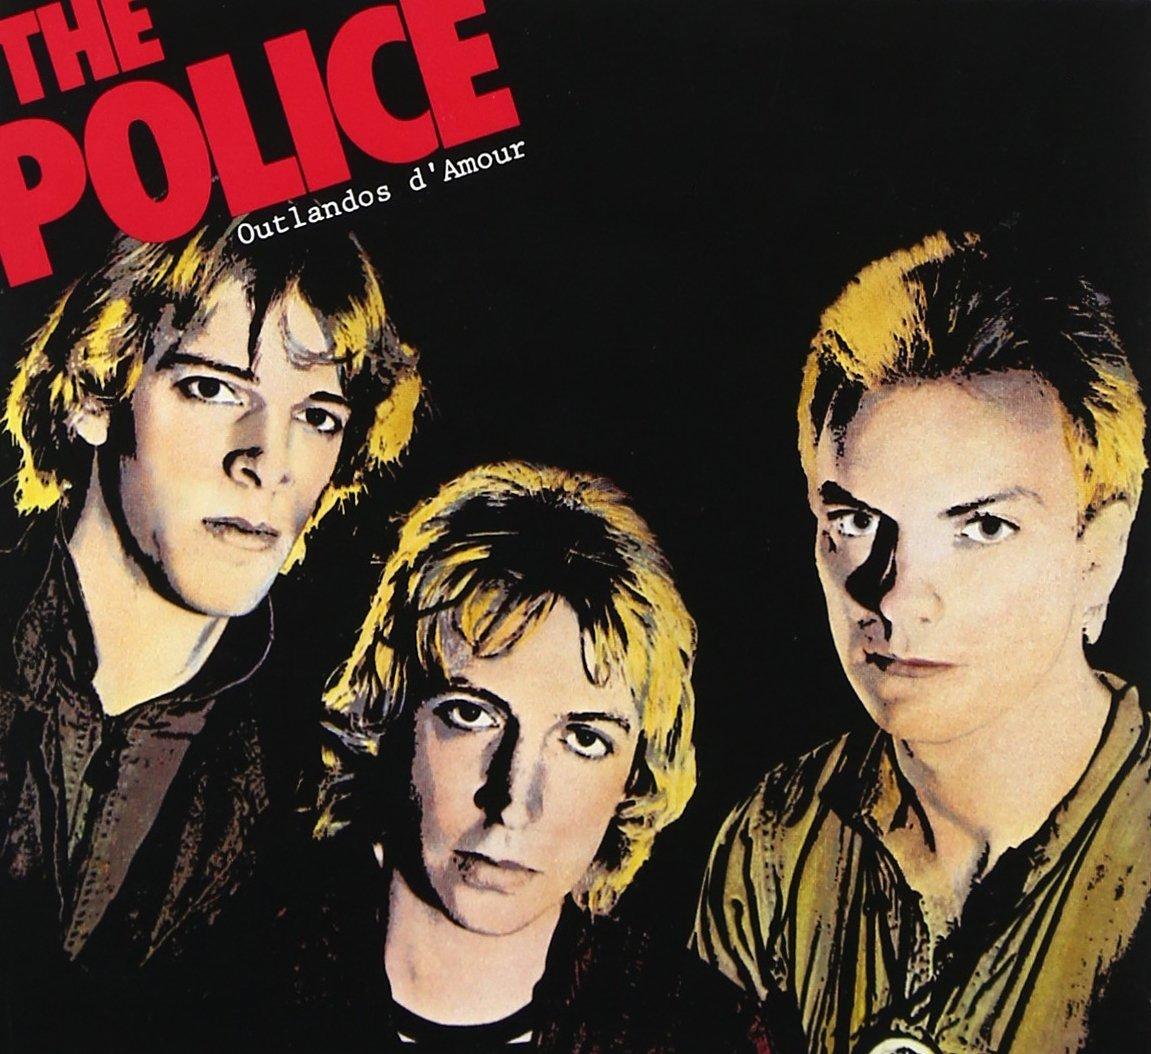 Risultati immagini per police outlandos d'amour recensione